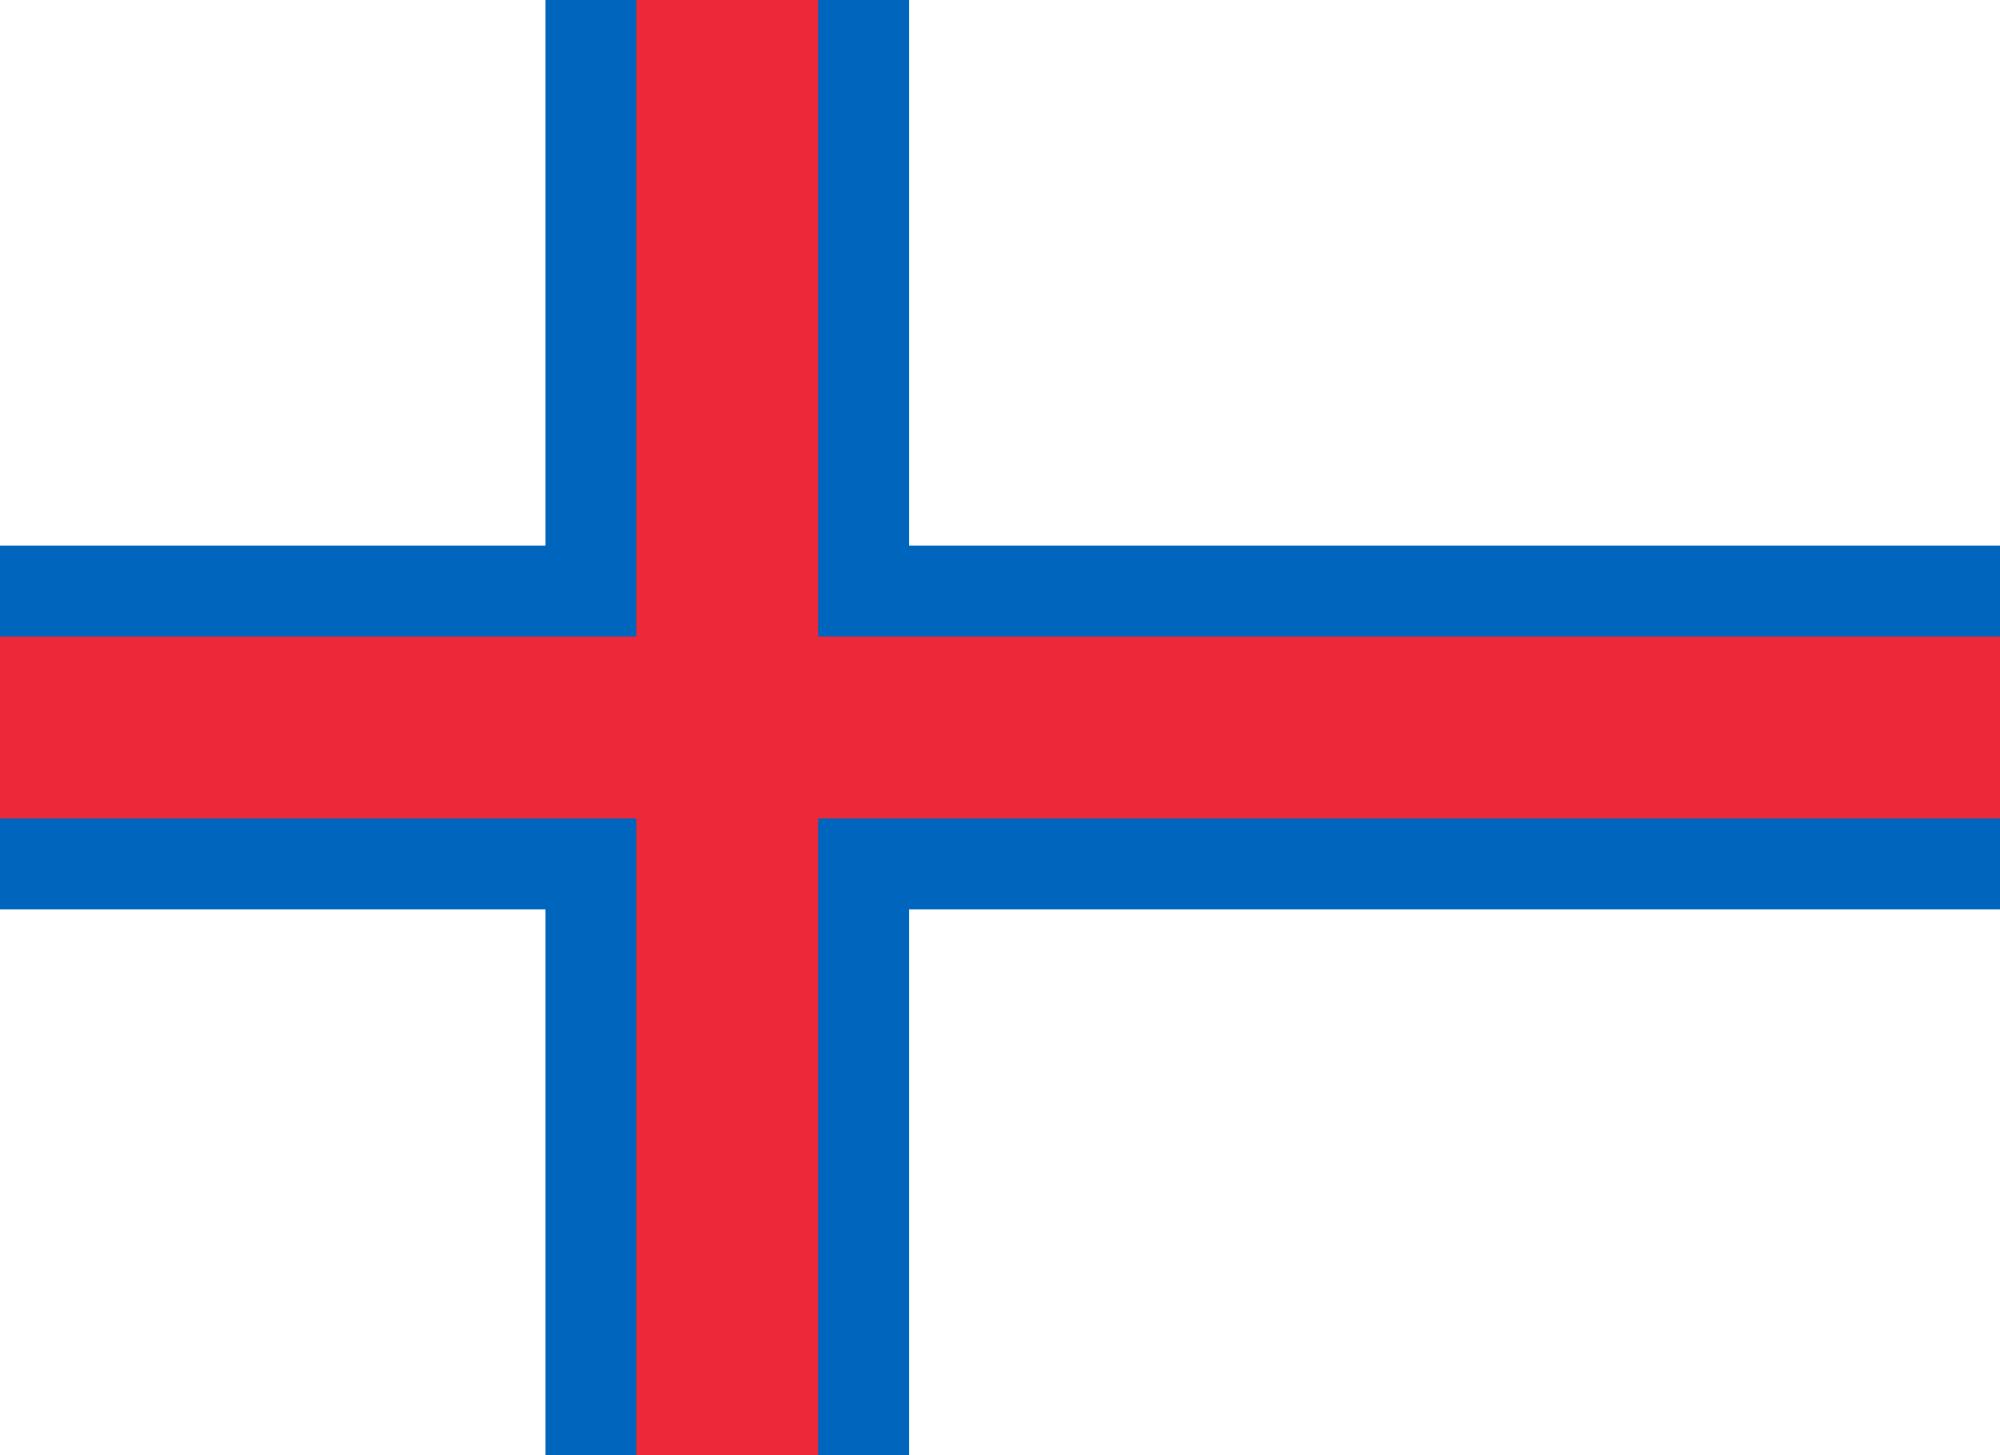 islas feroe, Land, Emblem, Logo, Symbol - Wallpaper HD - Prof.-falken.com